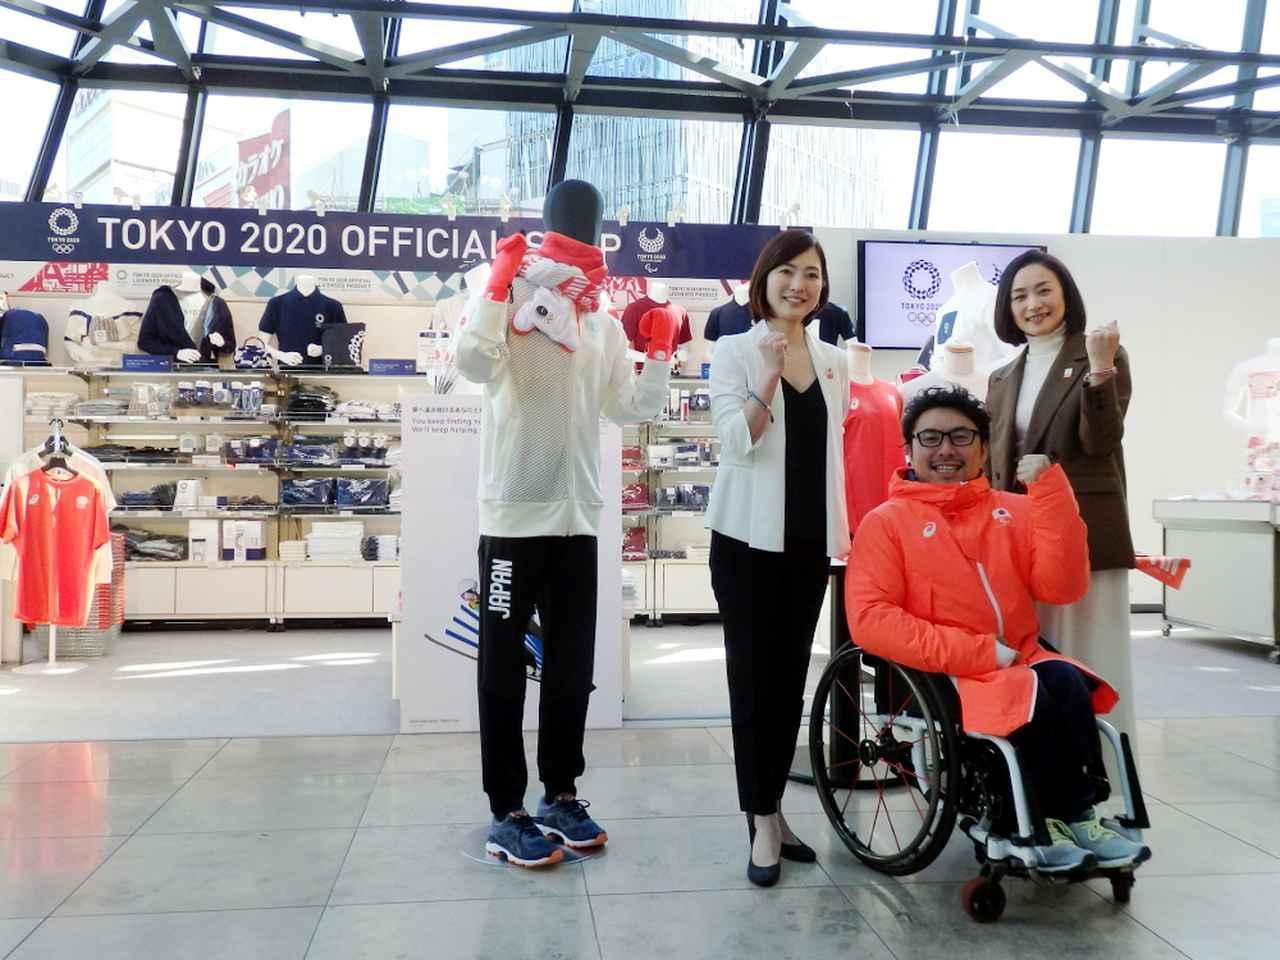 画像: 左から、八木沼純子、上原大祐選手、上村愛子さん